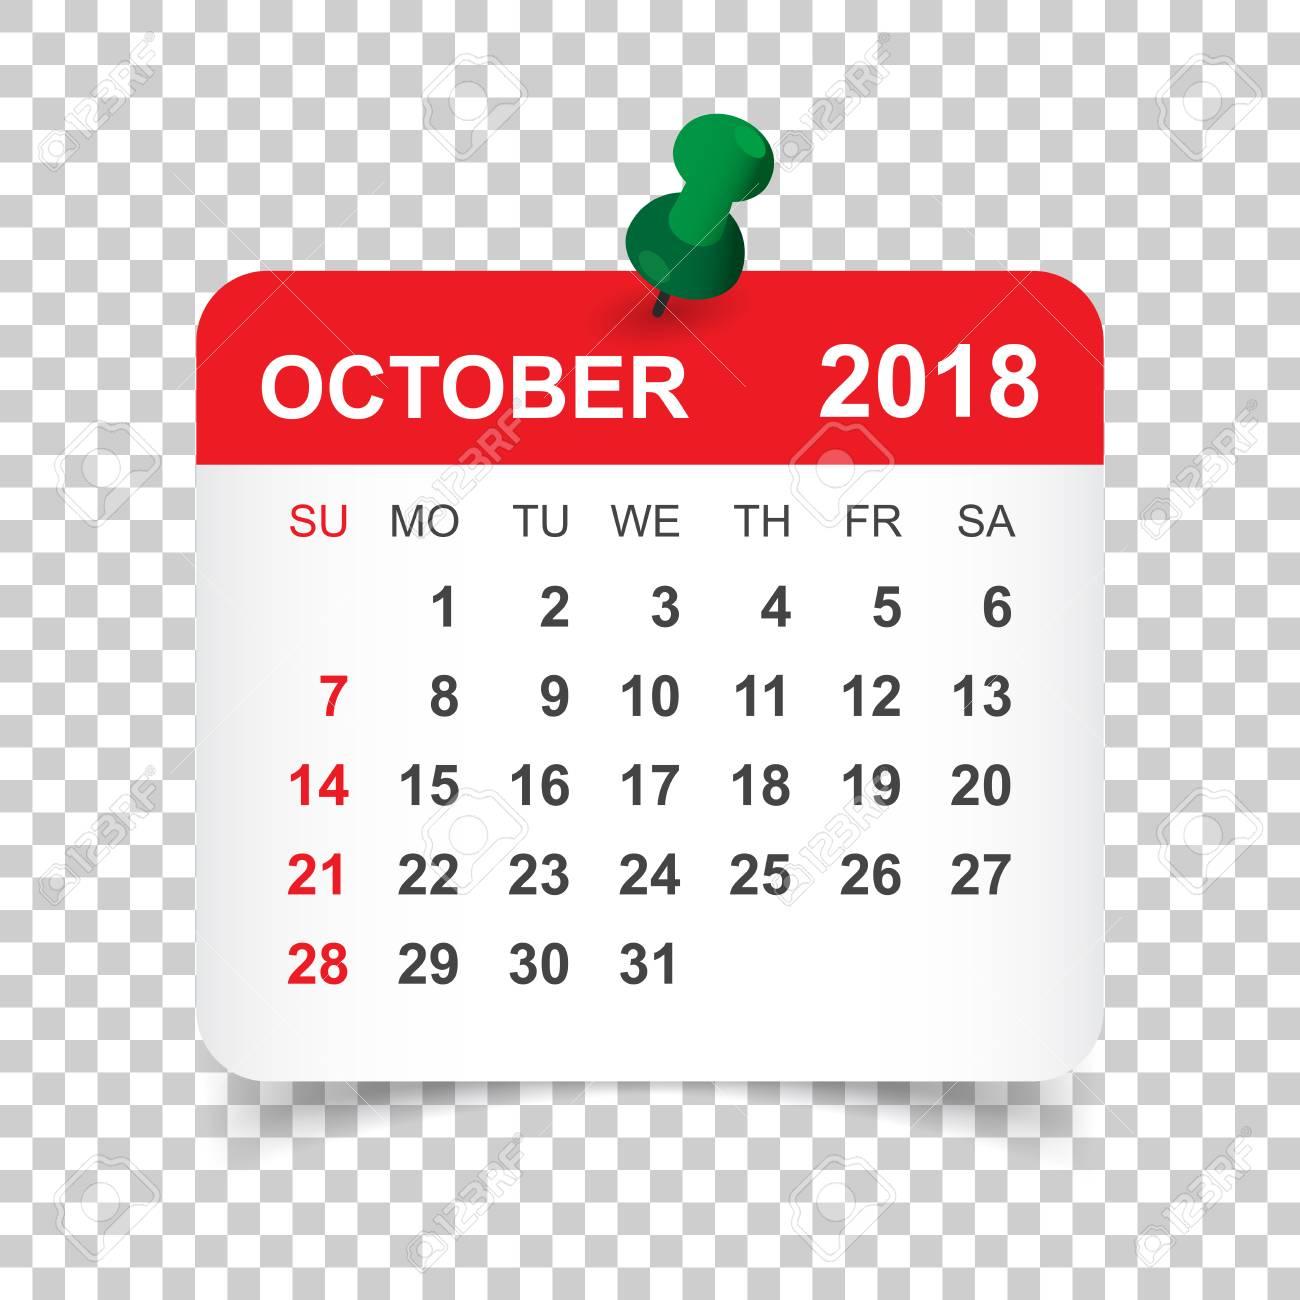 October 2018 calendar  Calendar sticker design template  Week